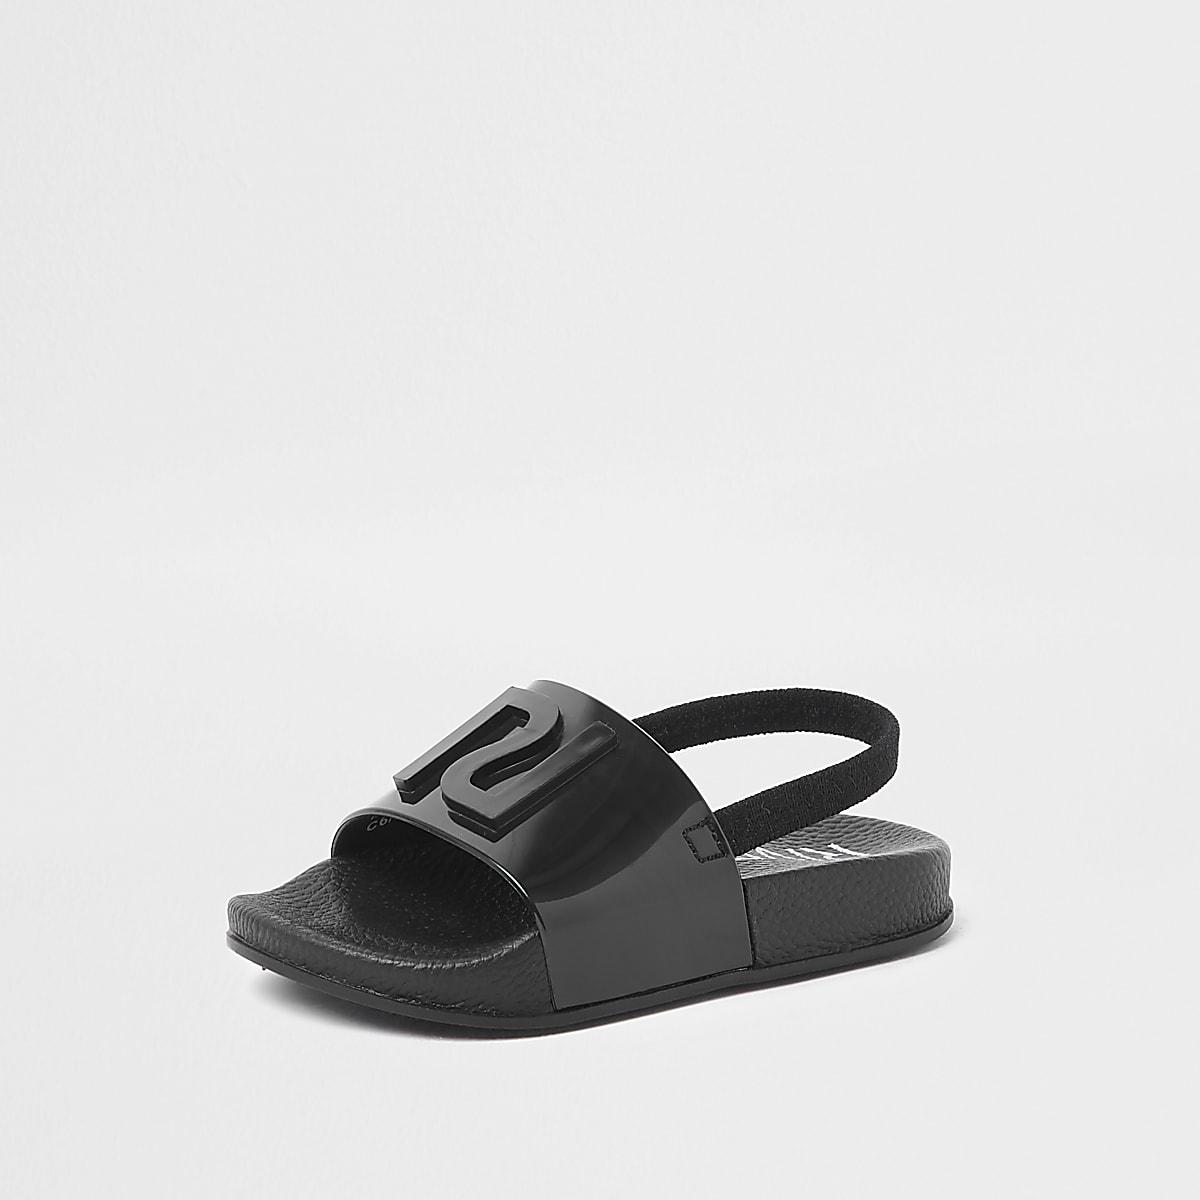 443f849b84df3 Claquettes en plastique noires à logo RI pour mini enfant - Sandales ...